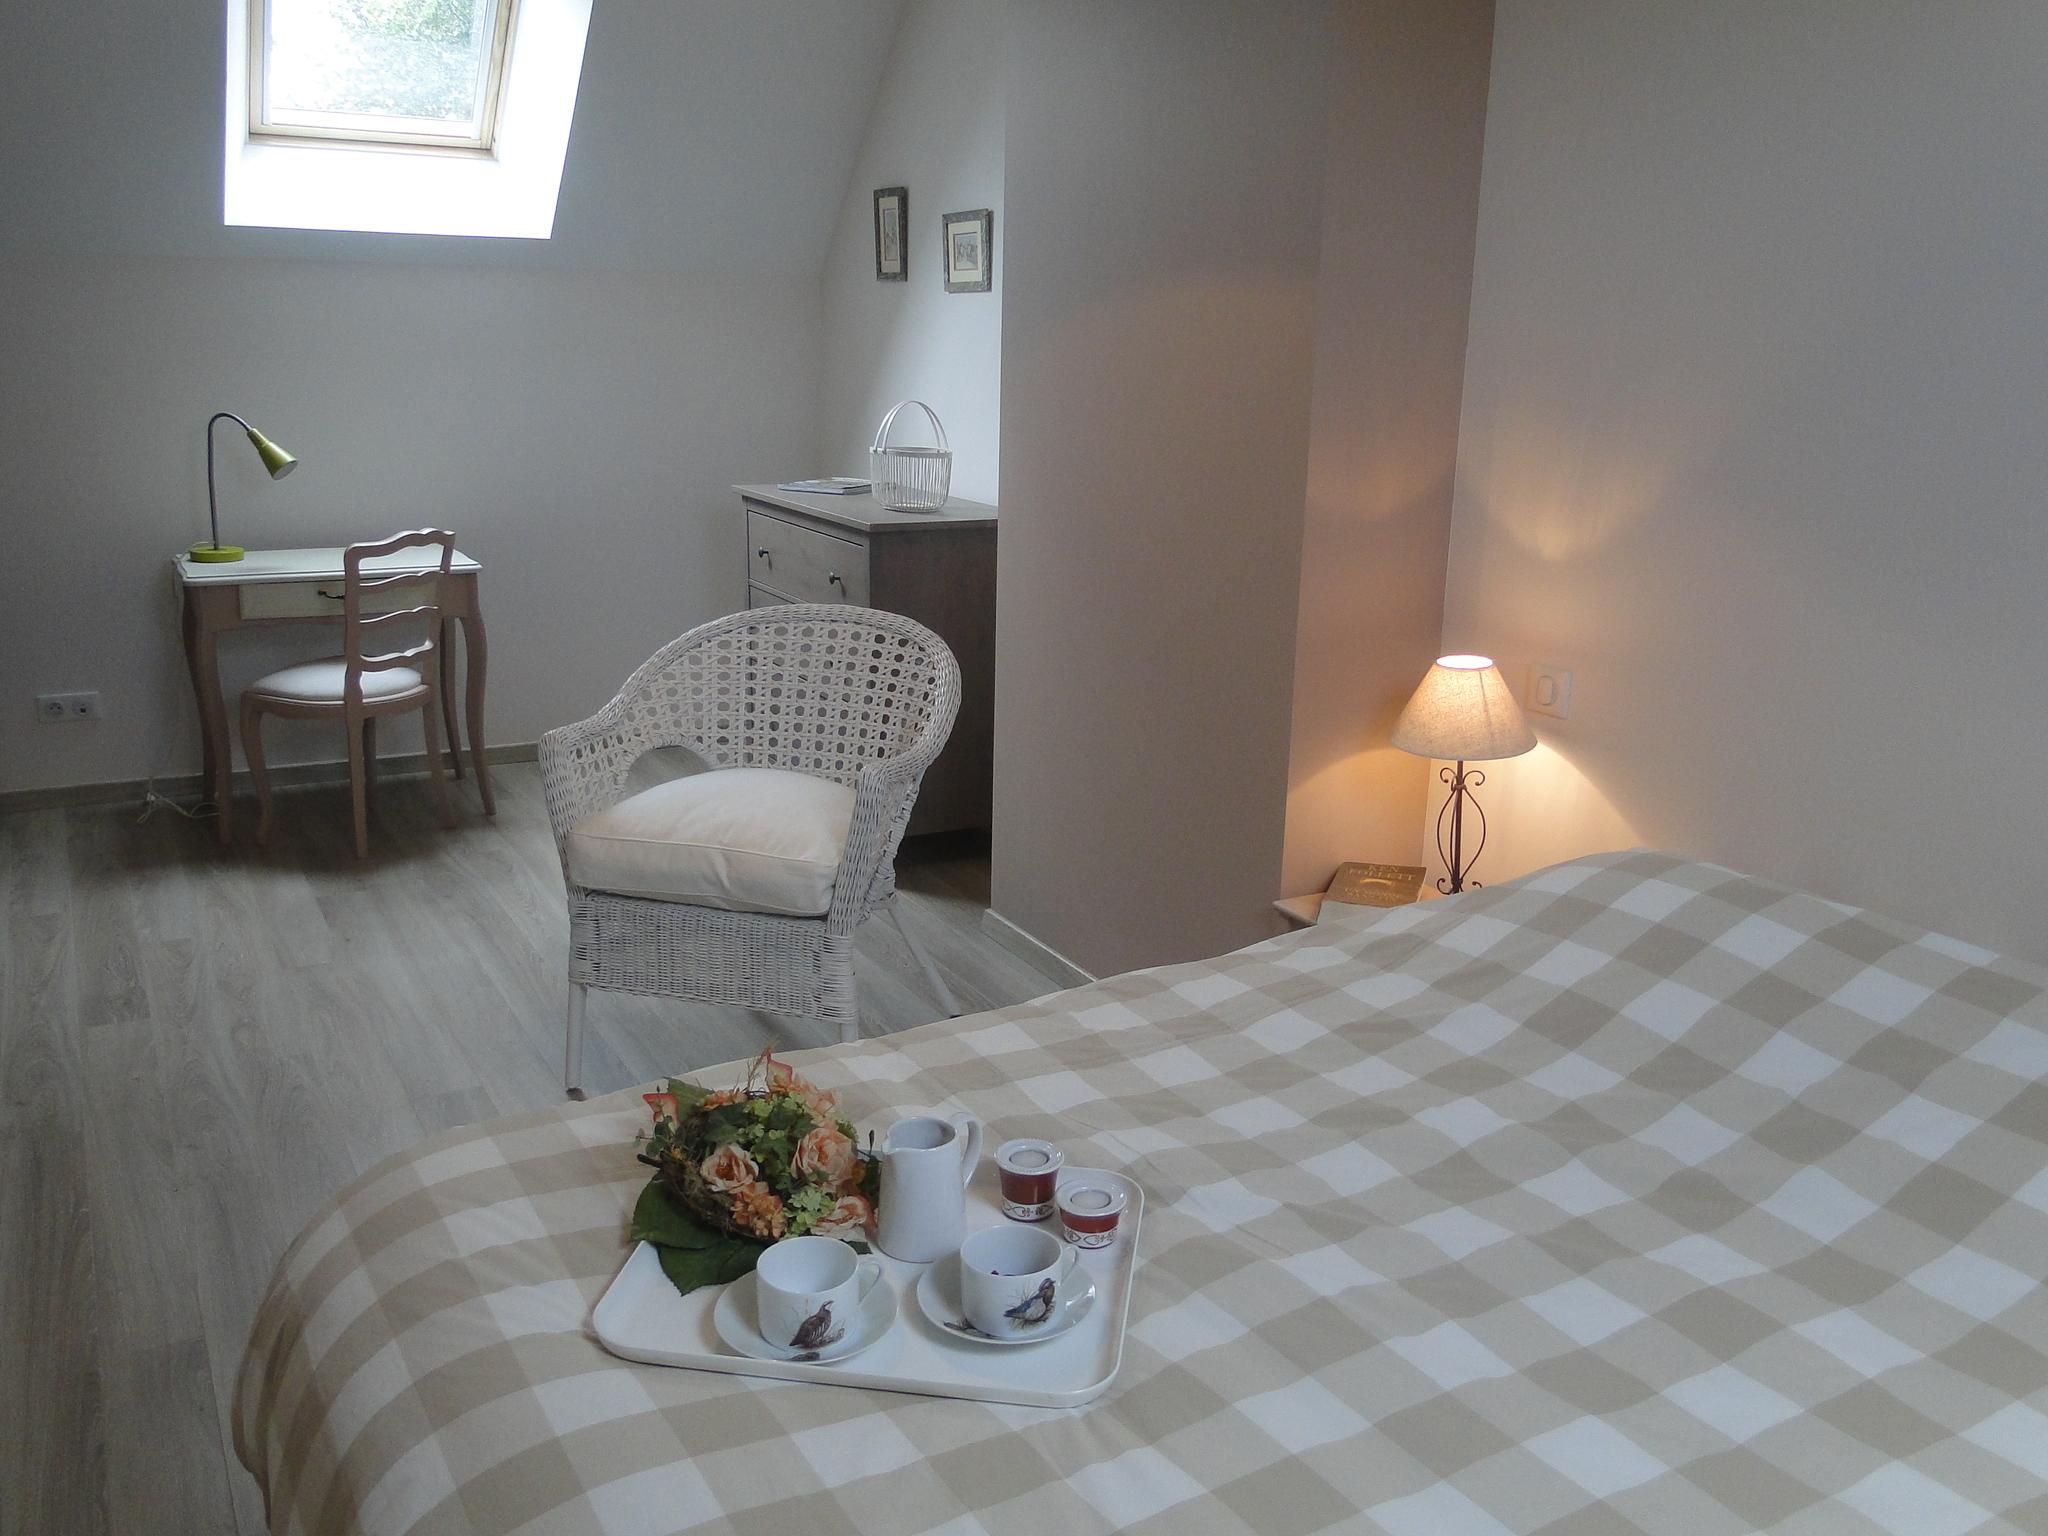 La-chambre-beige1.JPG